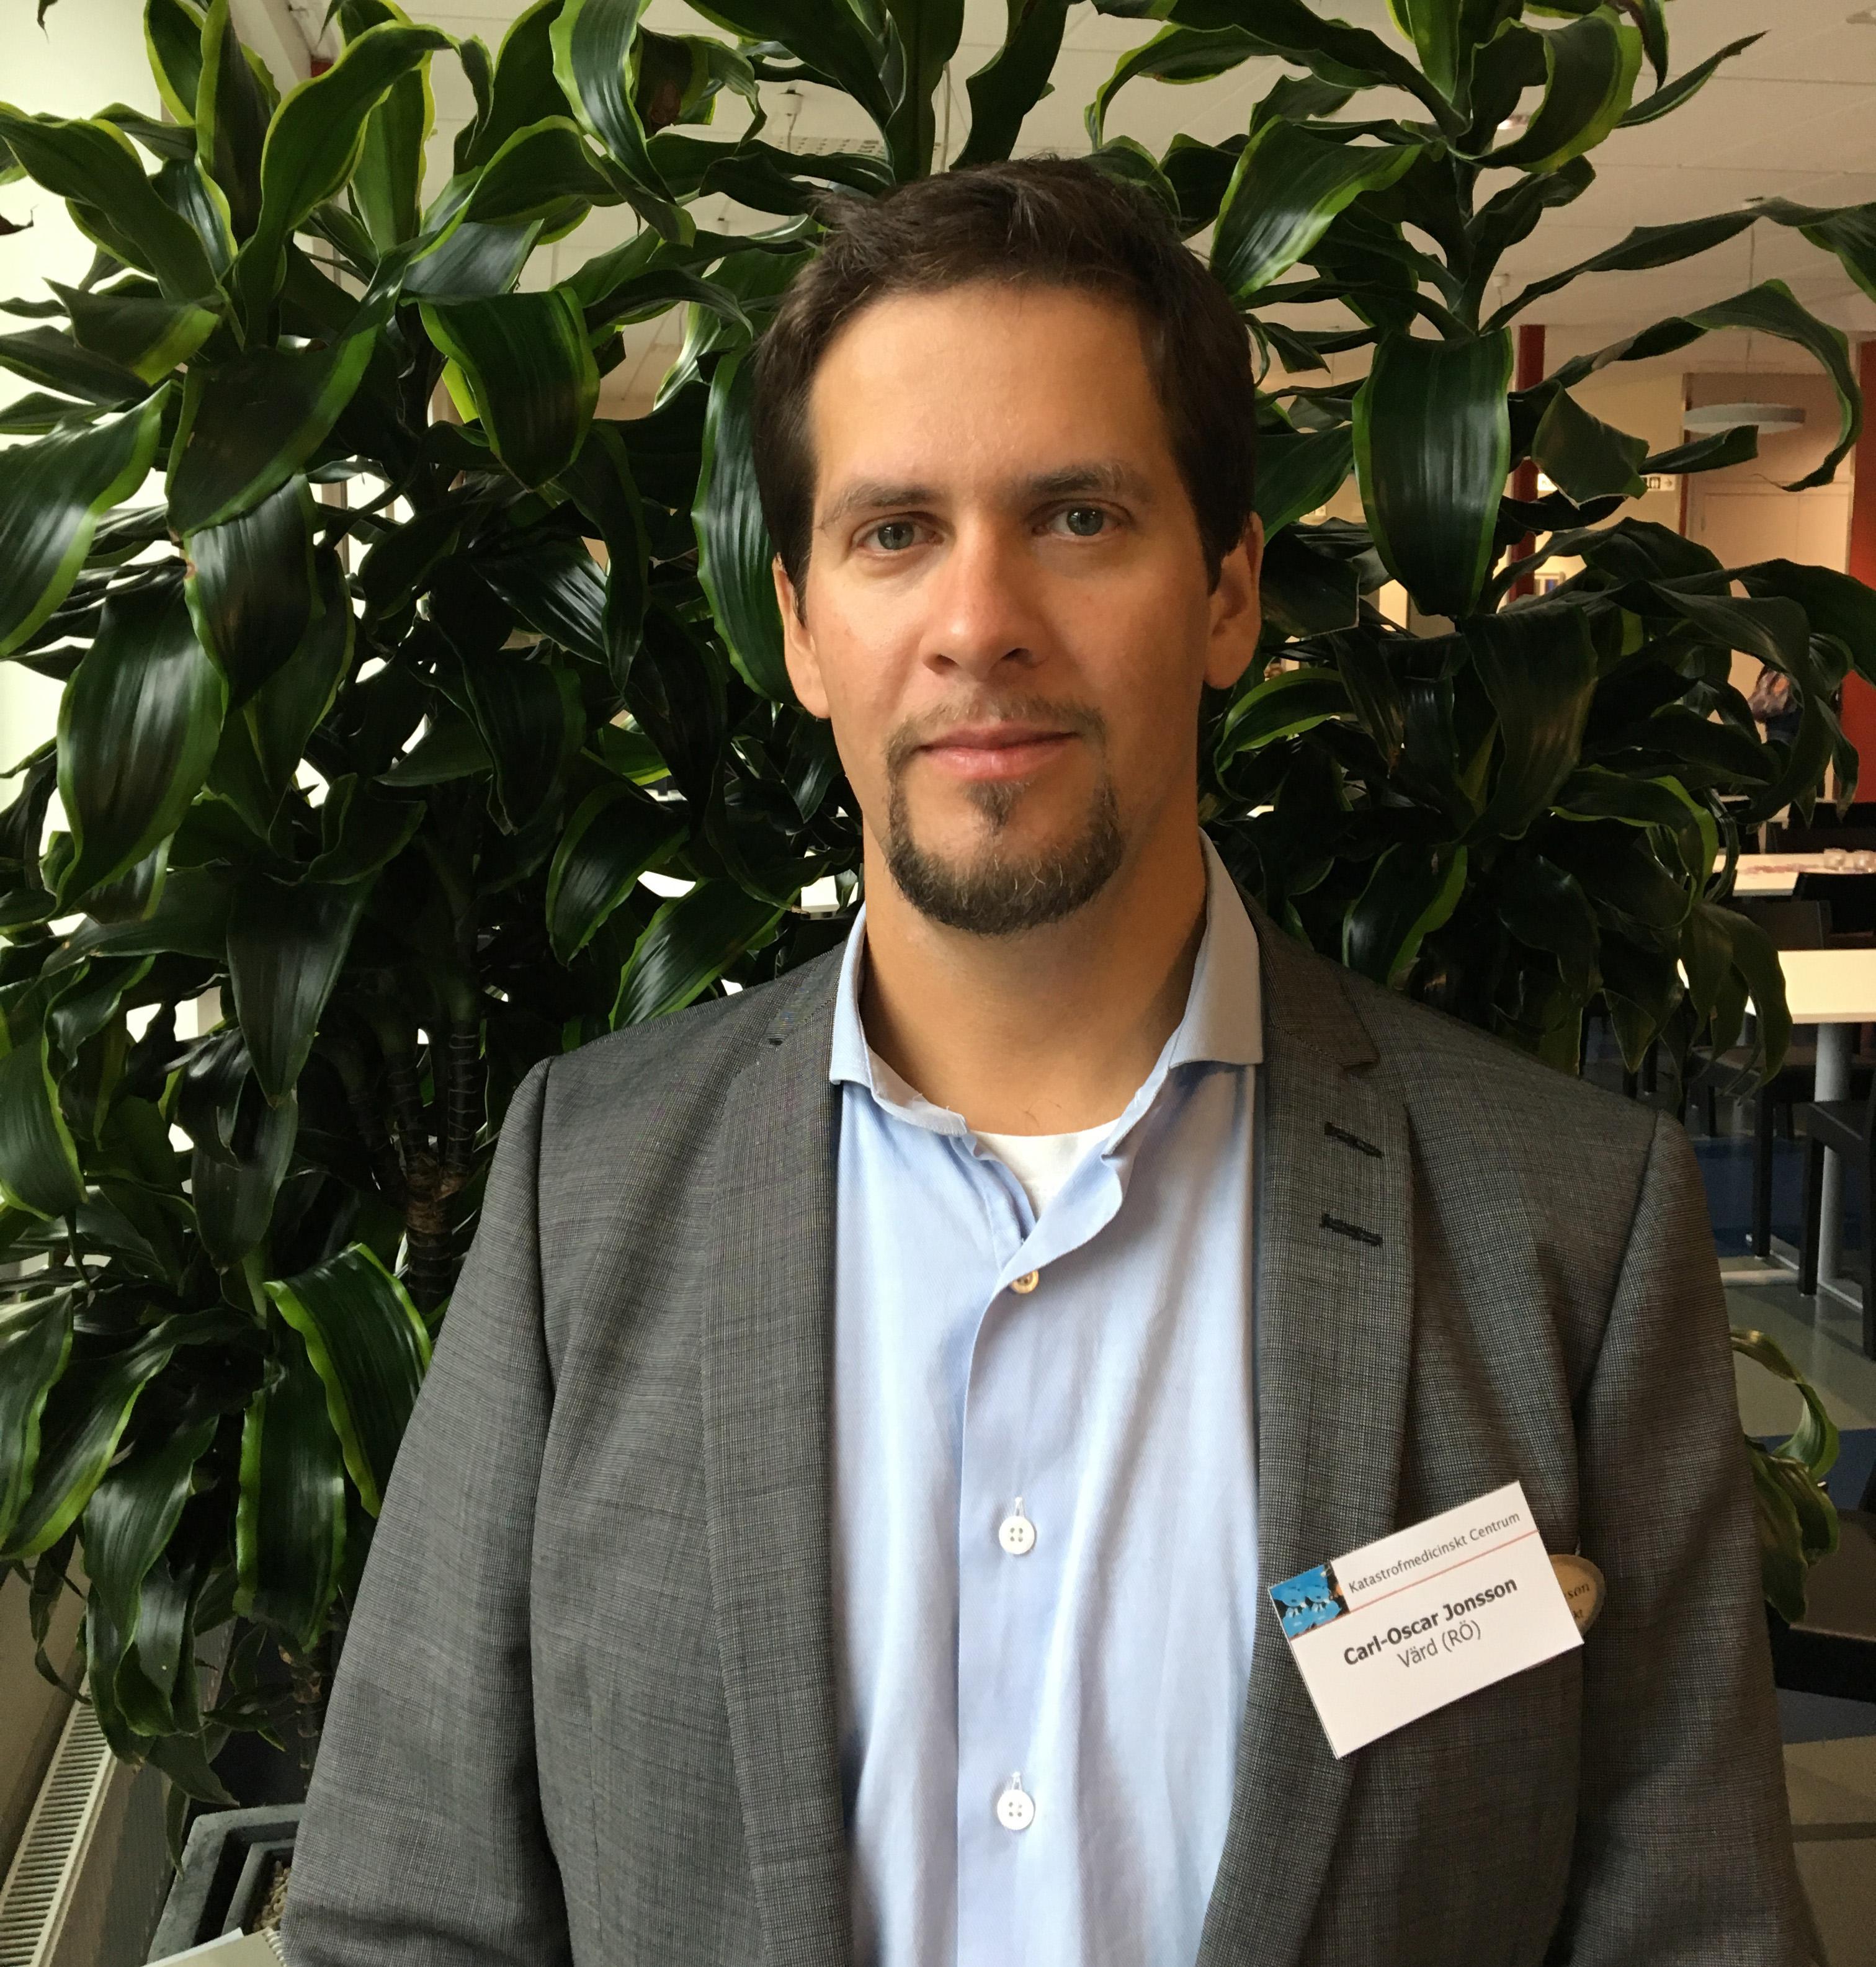 Gunnar jonsson kranglig varld kraver klok polis